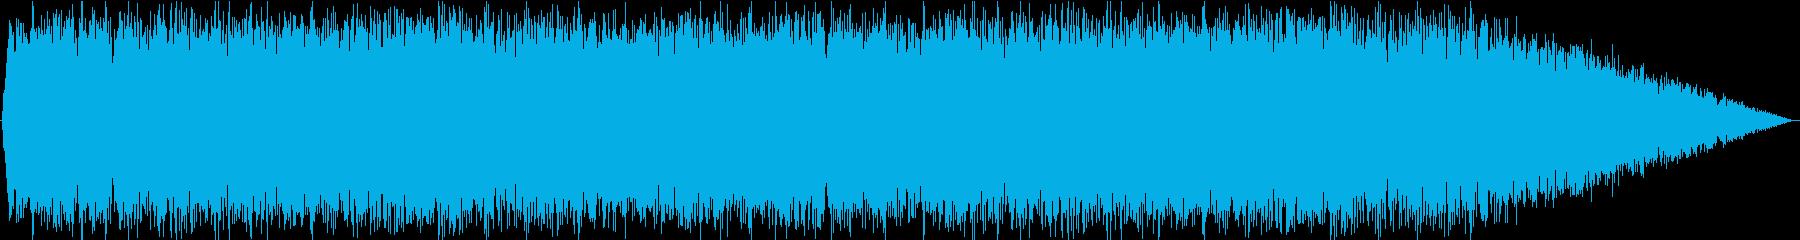 戦闘機の再生済みの波形